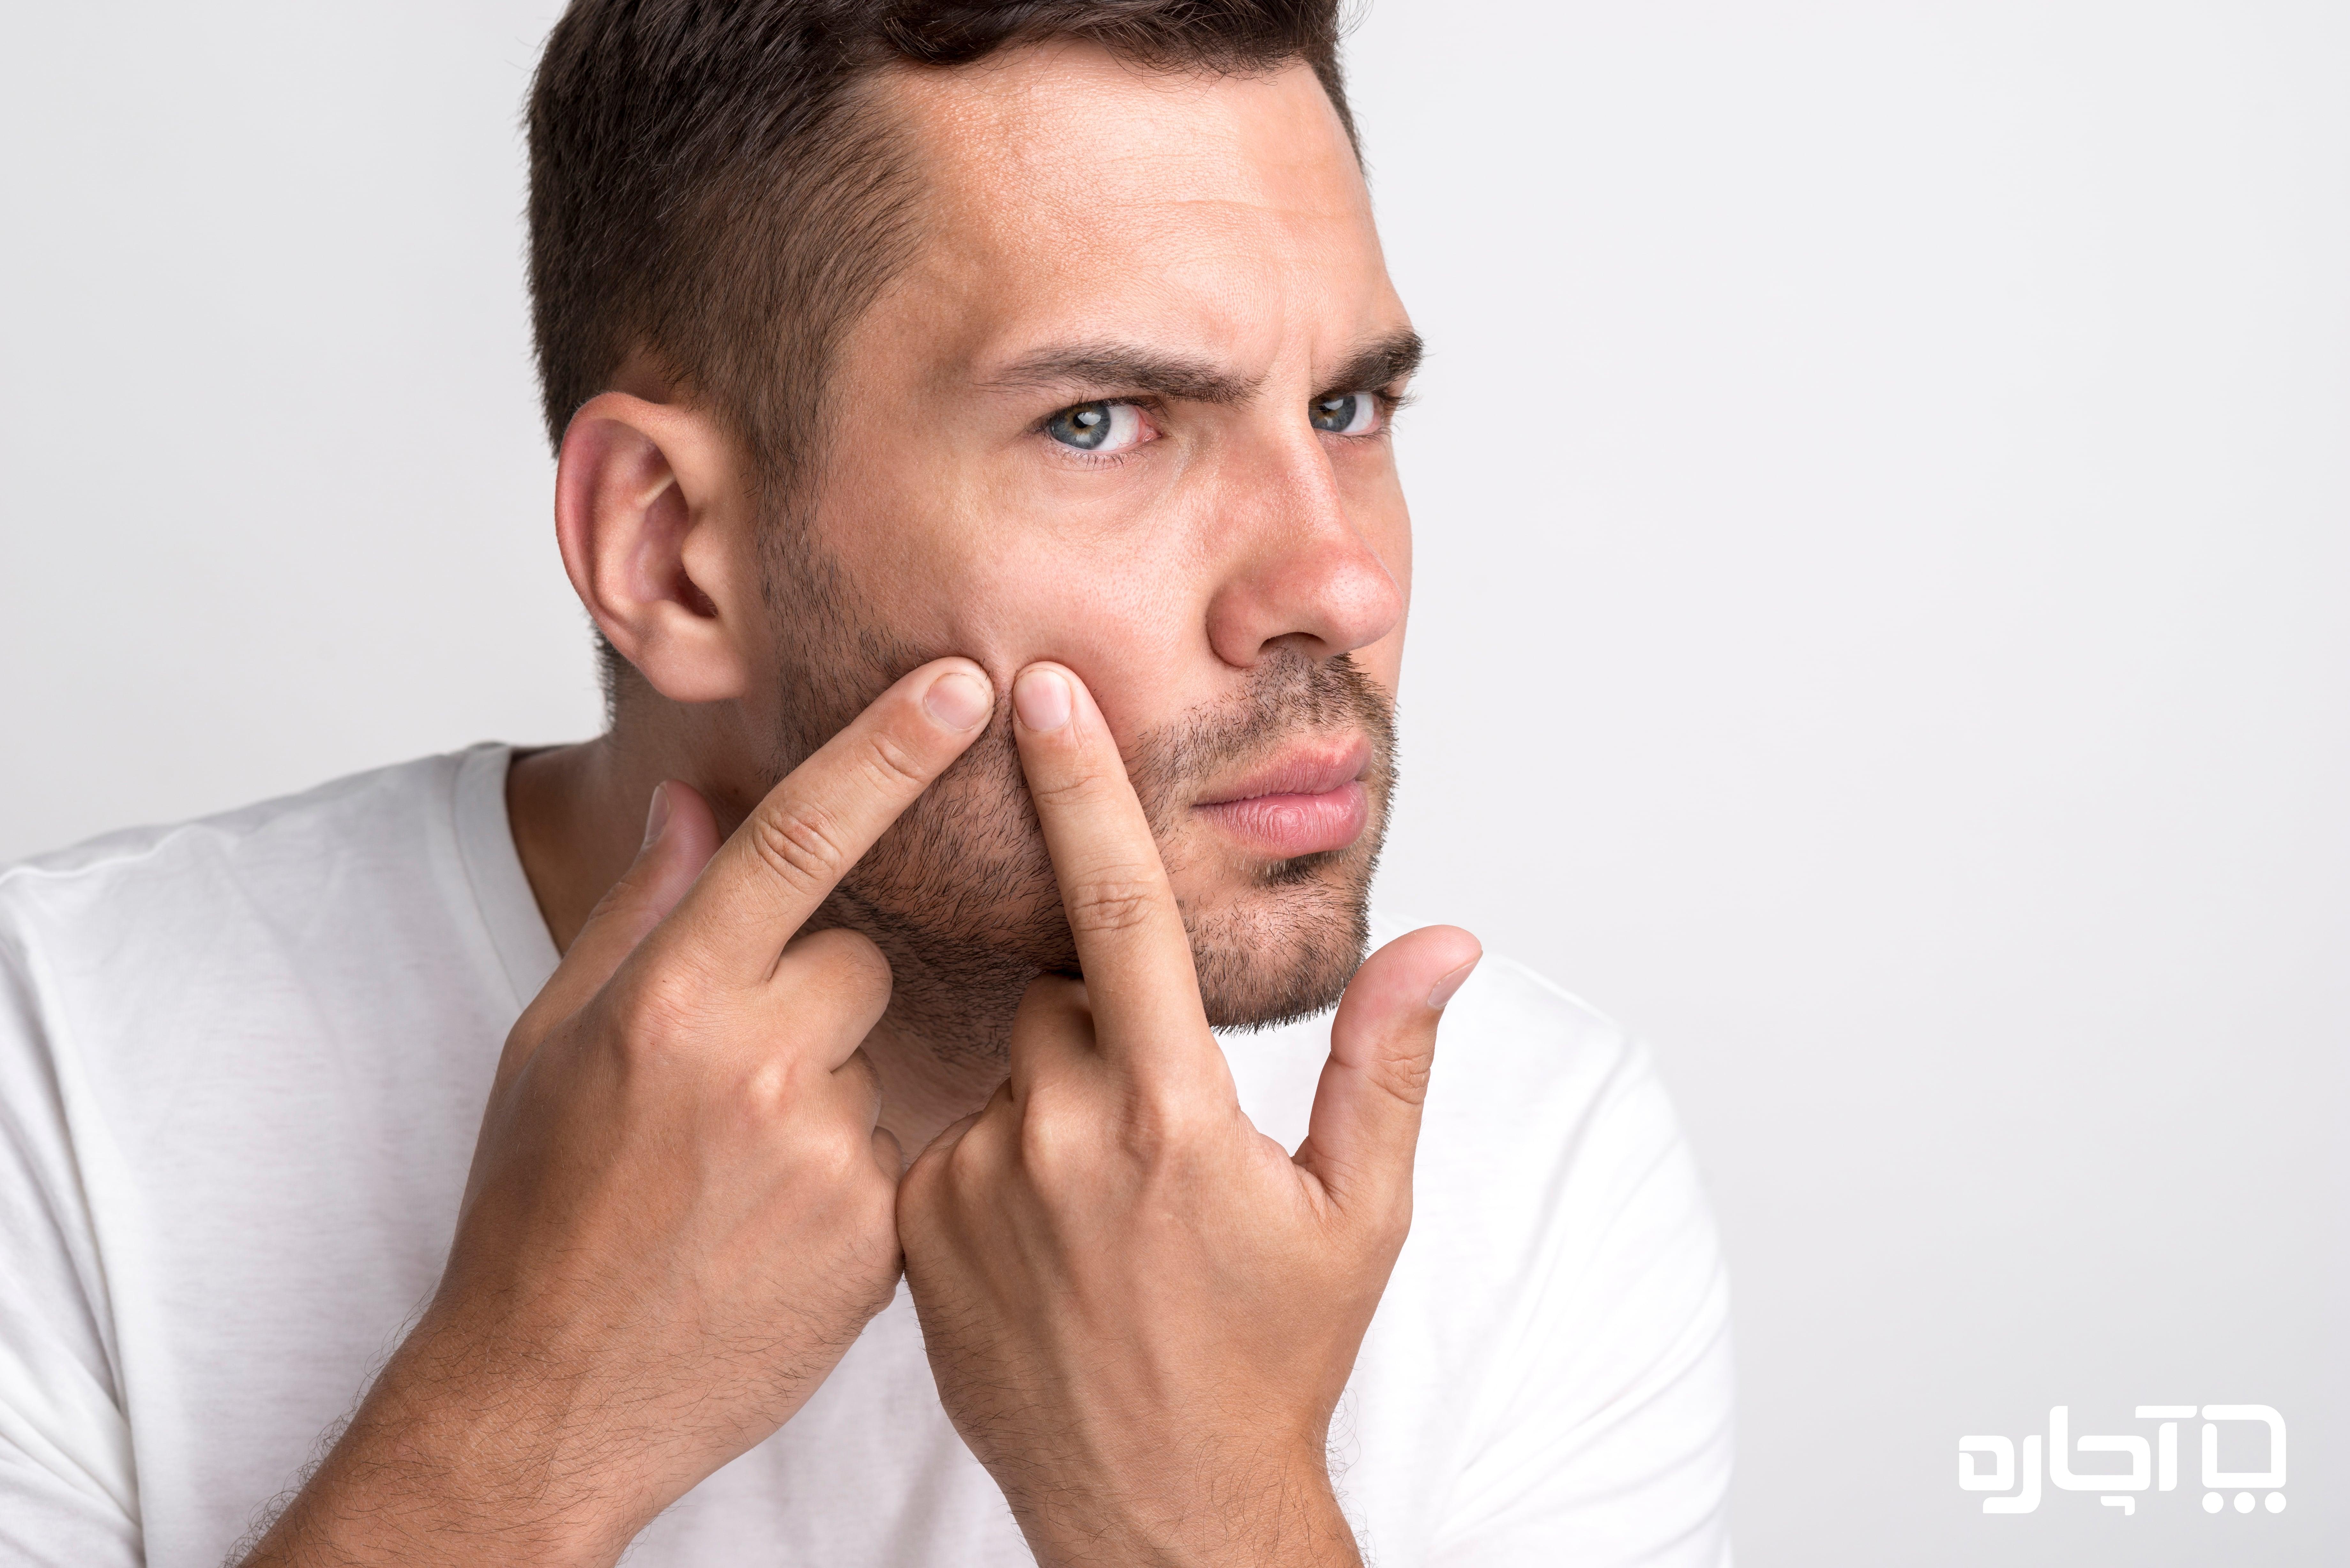 درمان های داروئی برای جوش سر سفید